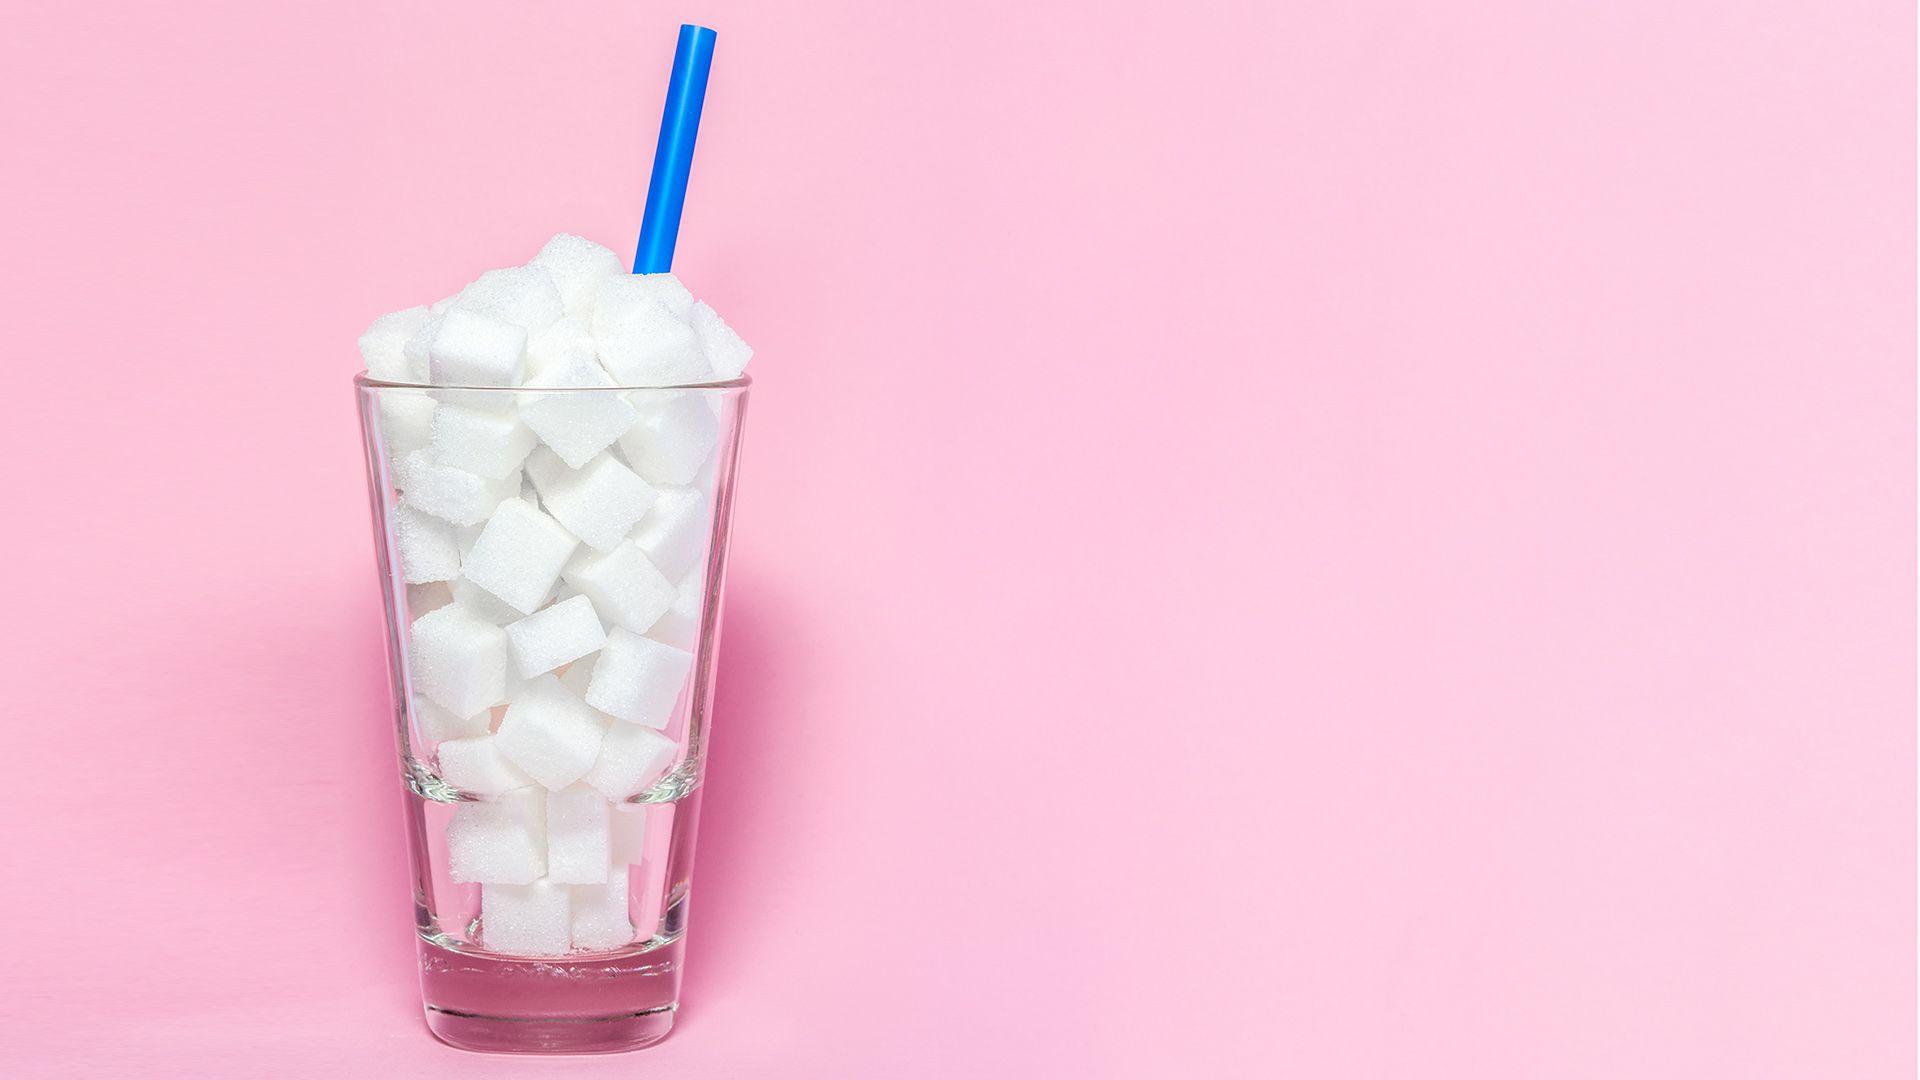 """""""Es el azúcar lo que parece jugar el papel principal en esta asociación con el cáncer"""", sostienen los especialistas (Shutterstock)"""